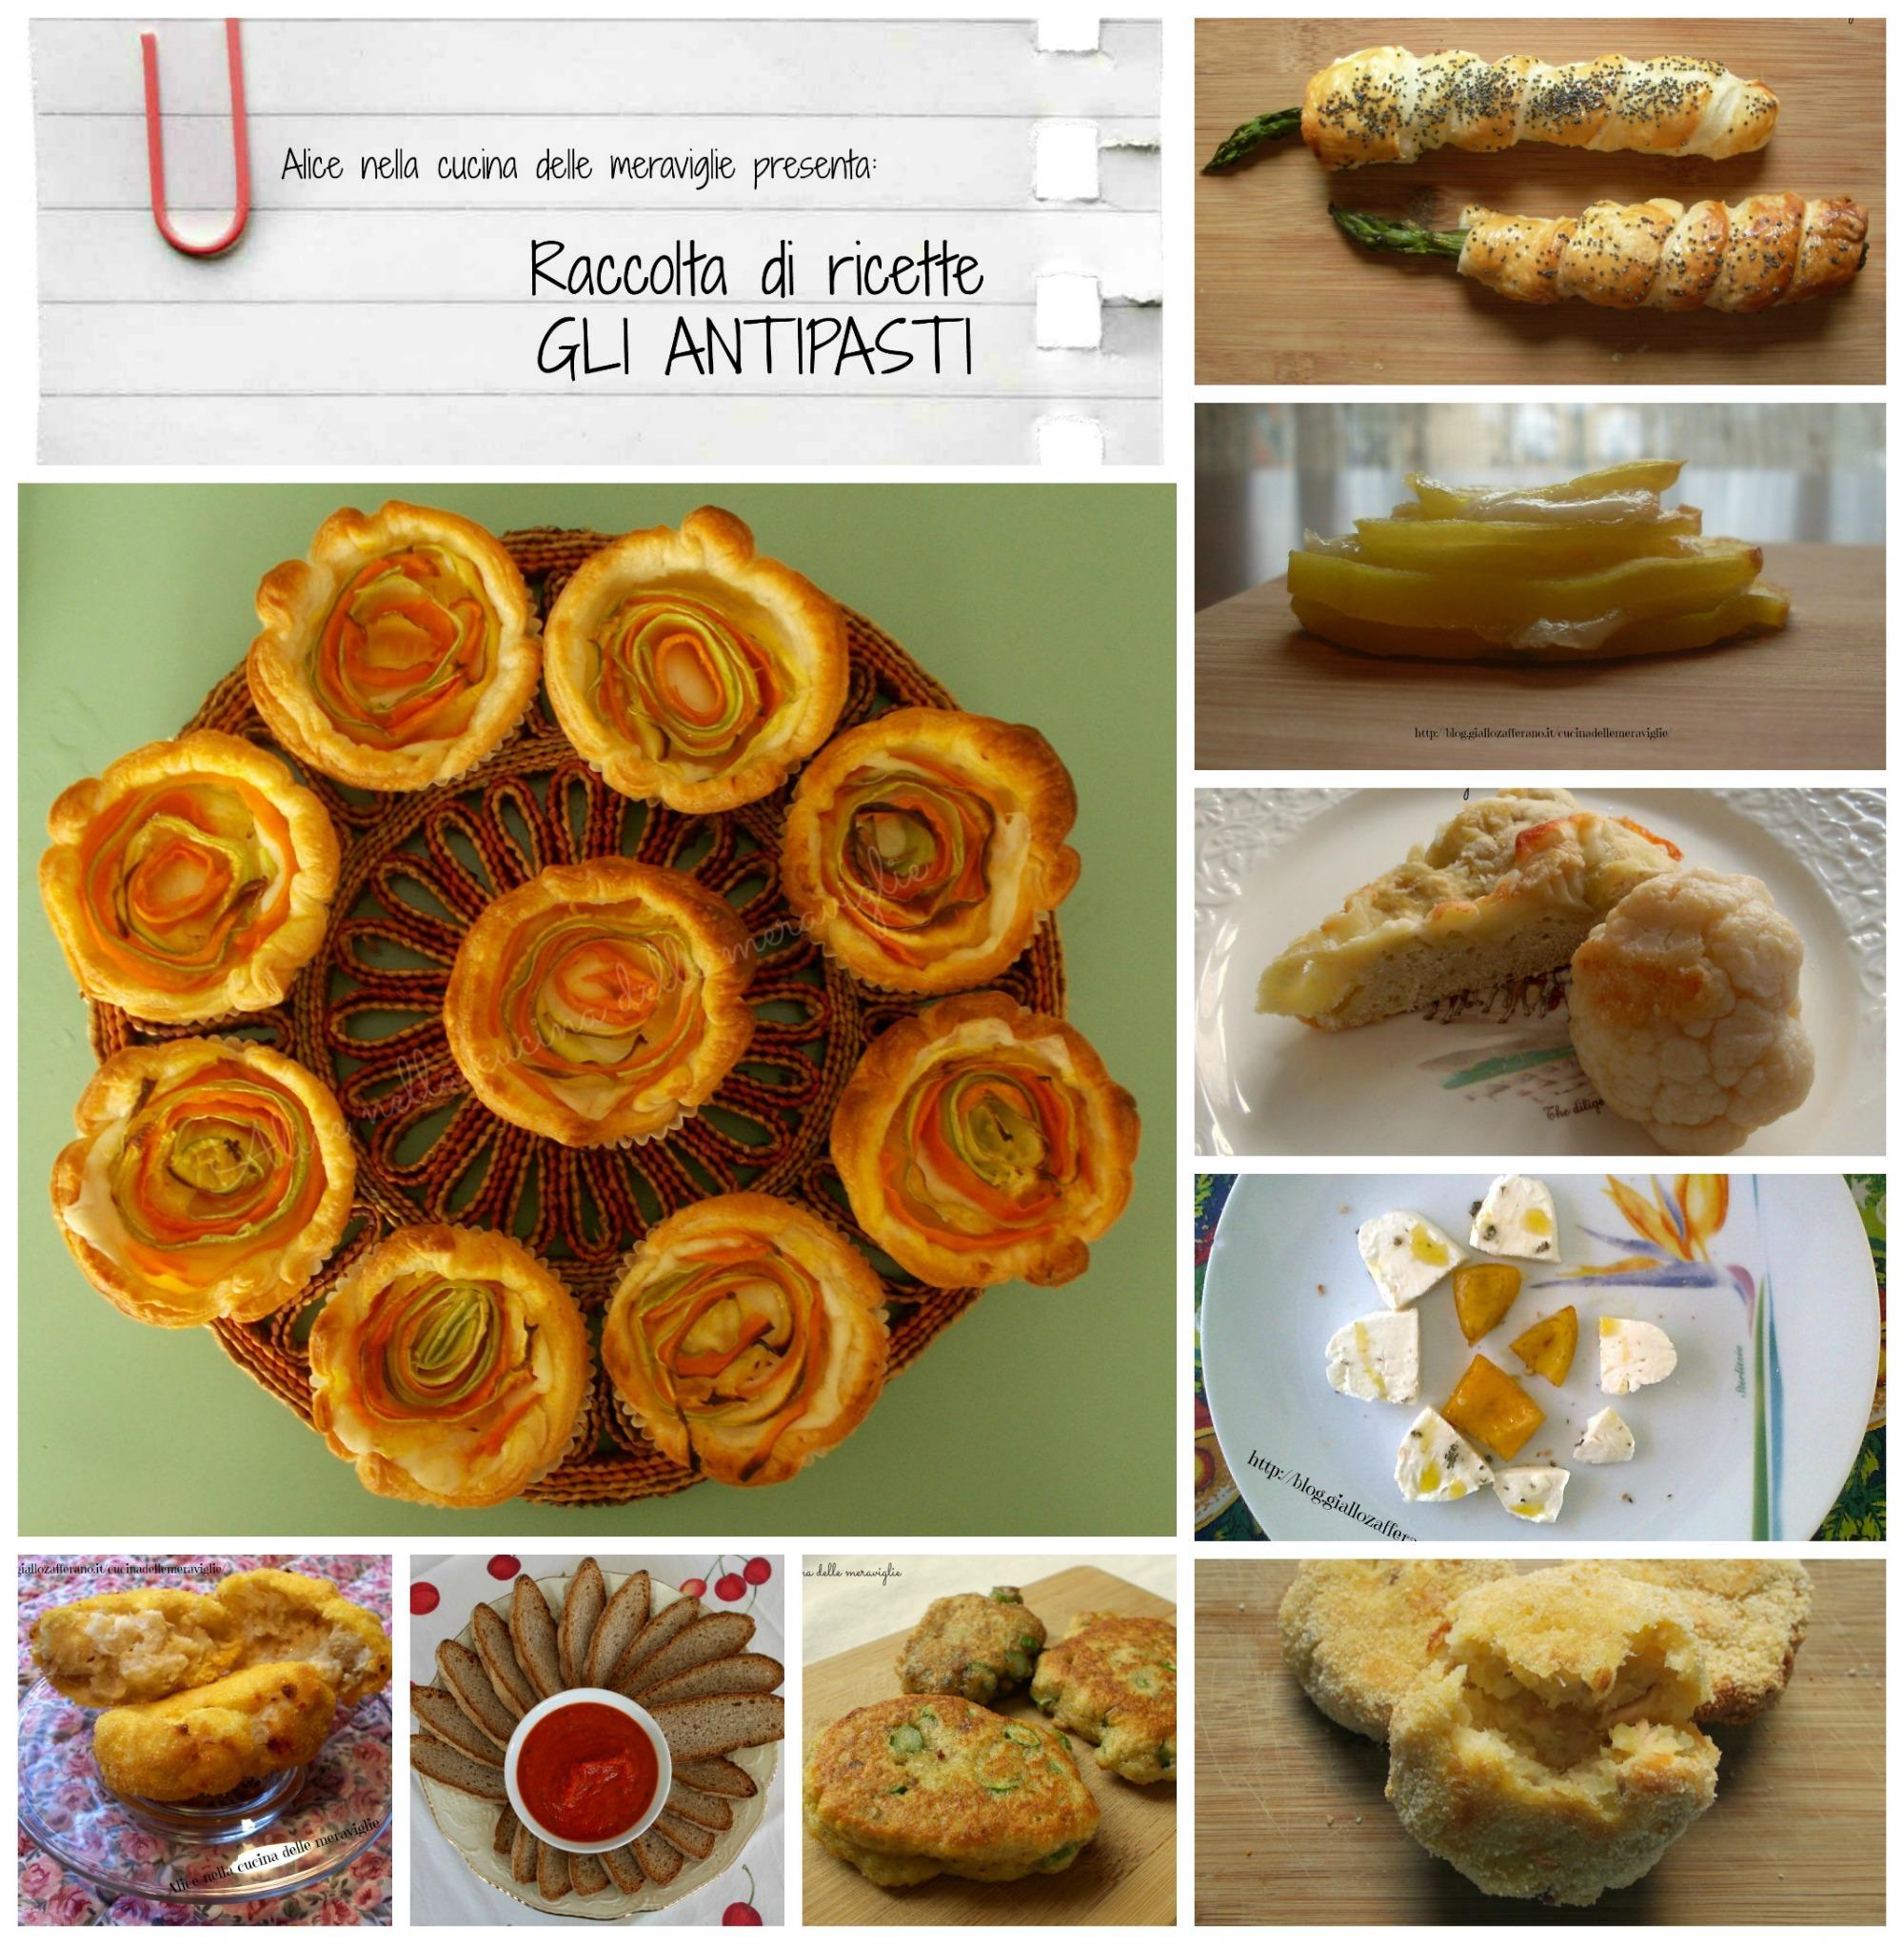 raccolta di ricette gli antipasti alice nella cucina